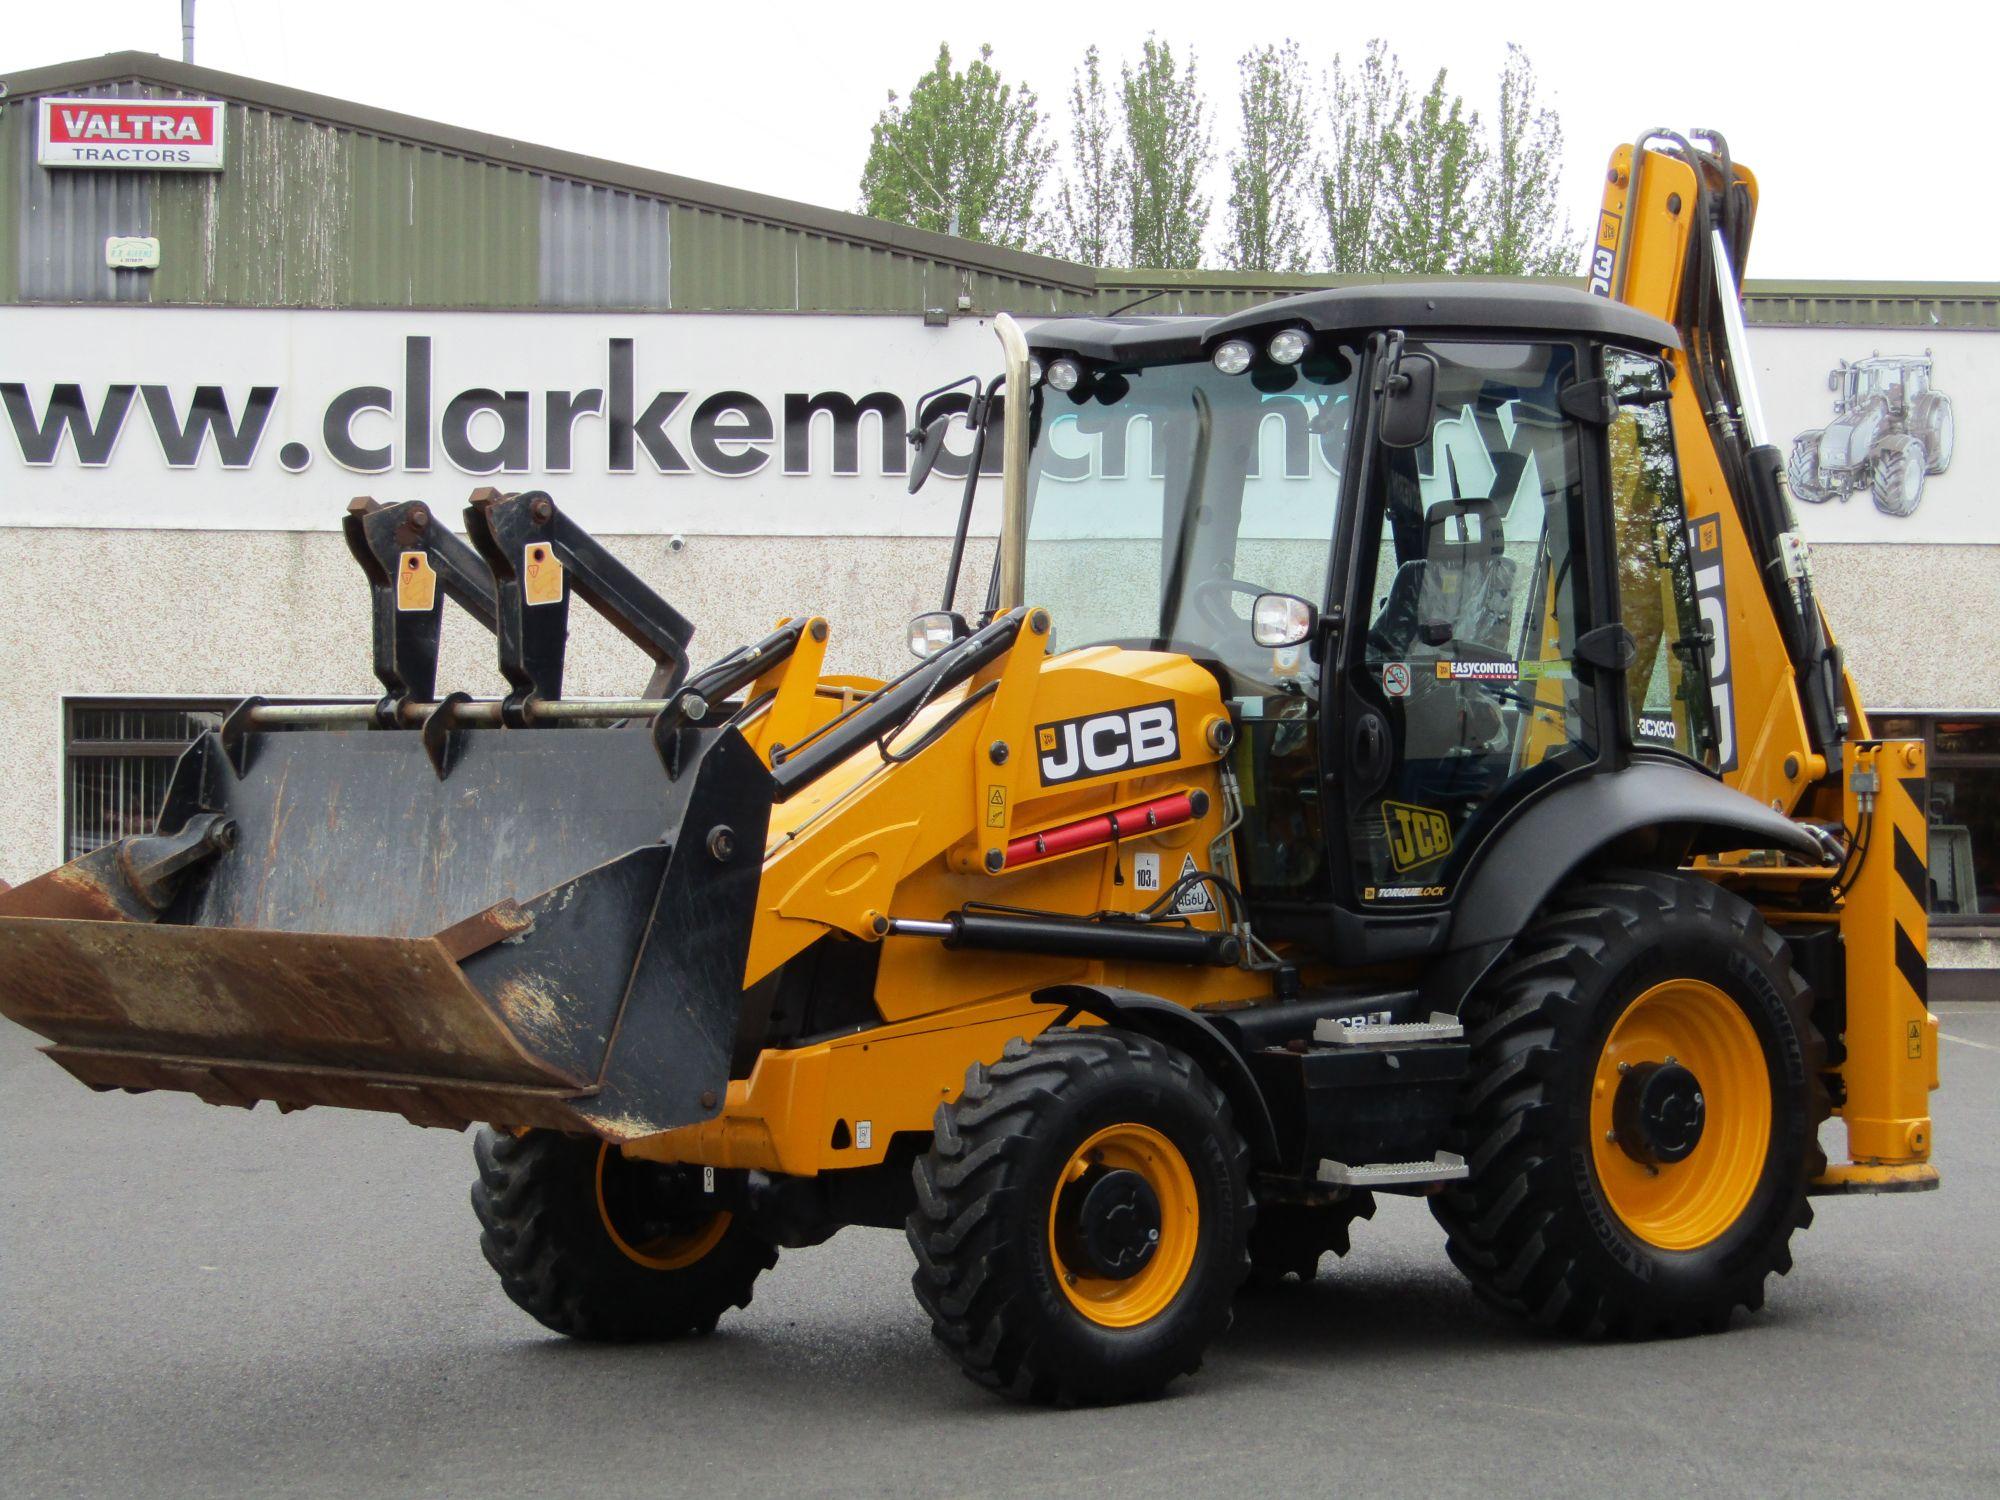 JCB 3CX Backhoe Loader | Clarke Machinery